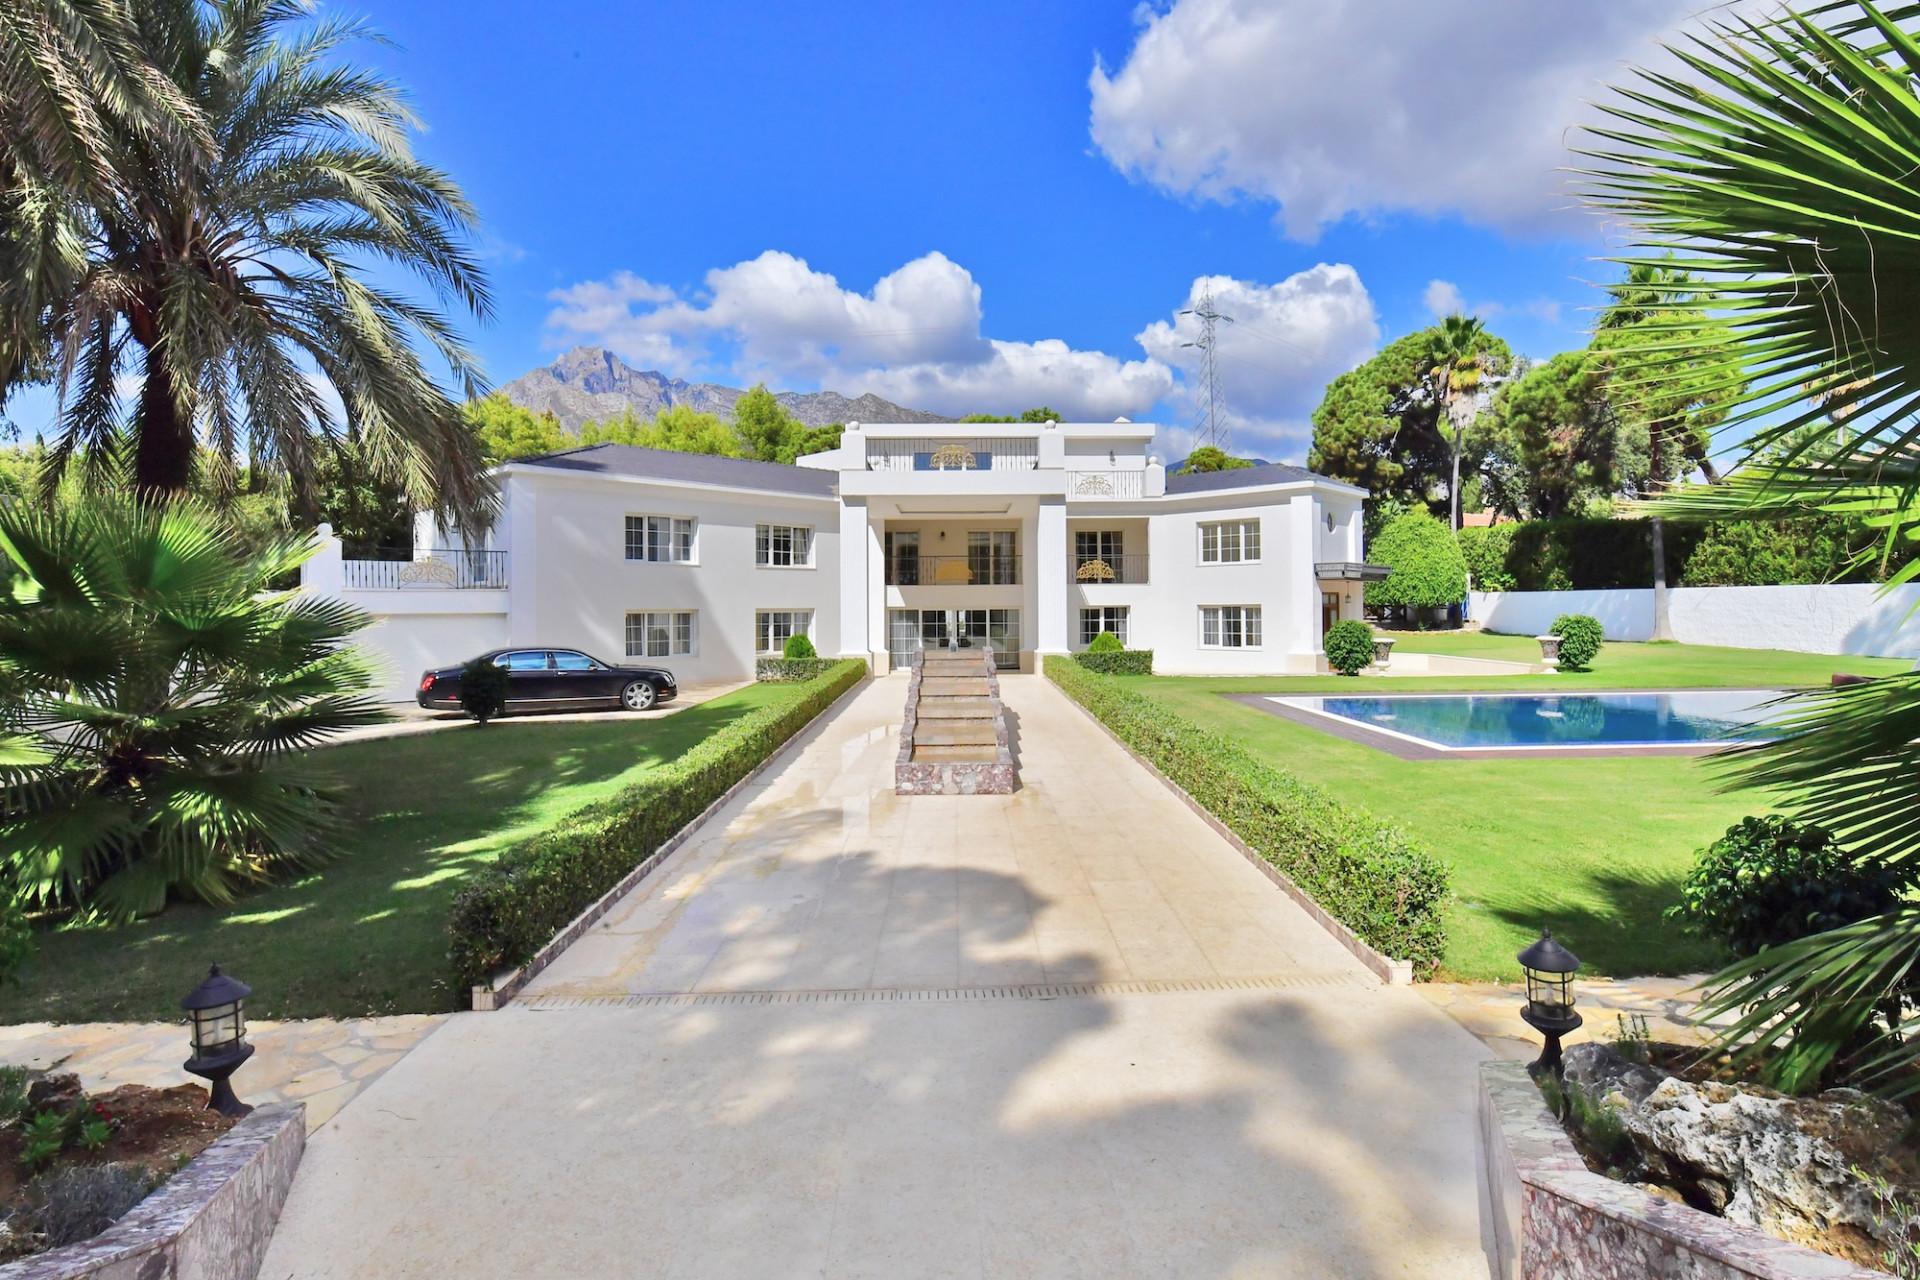 ARFV1913 - Spektakuläre Villa zu verkaufen auf der Goldenen Meile in Marbella